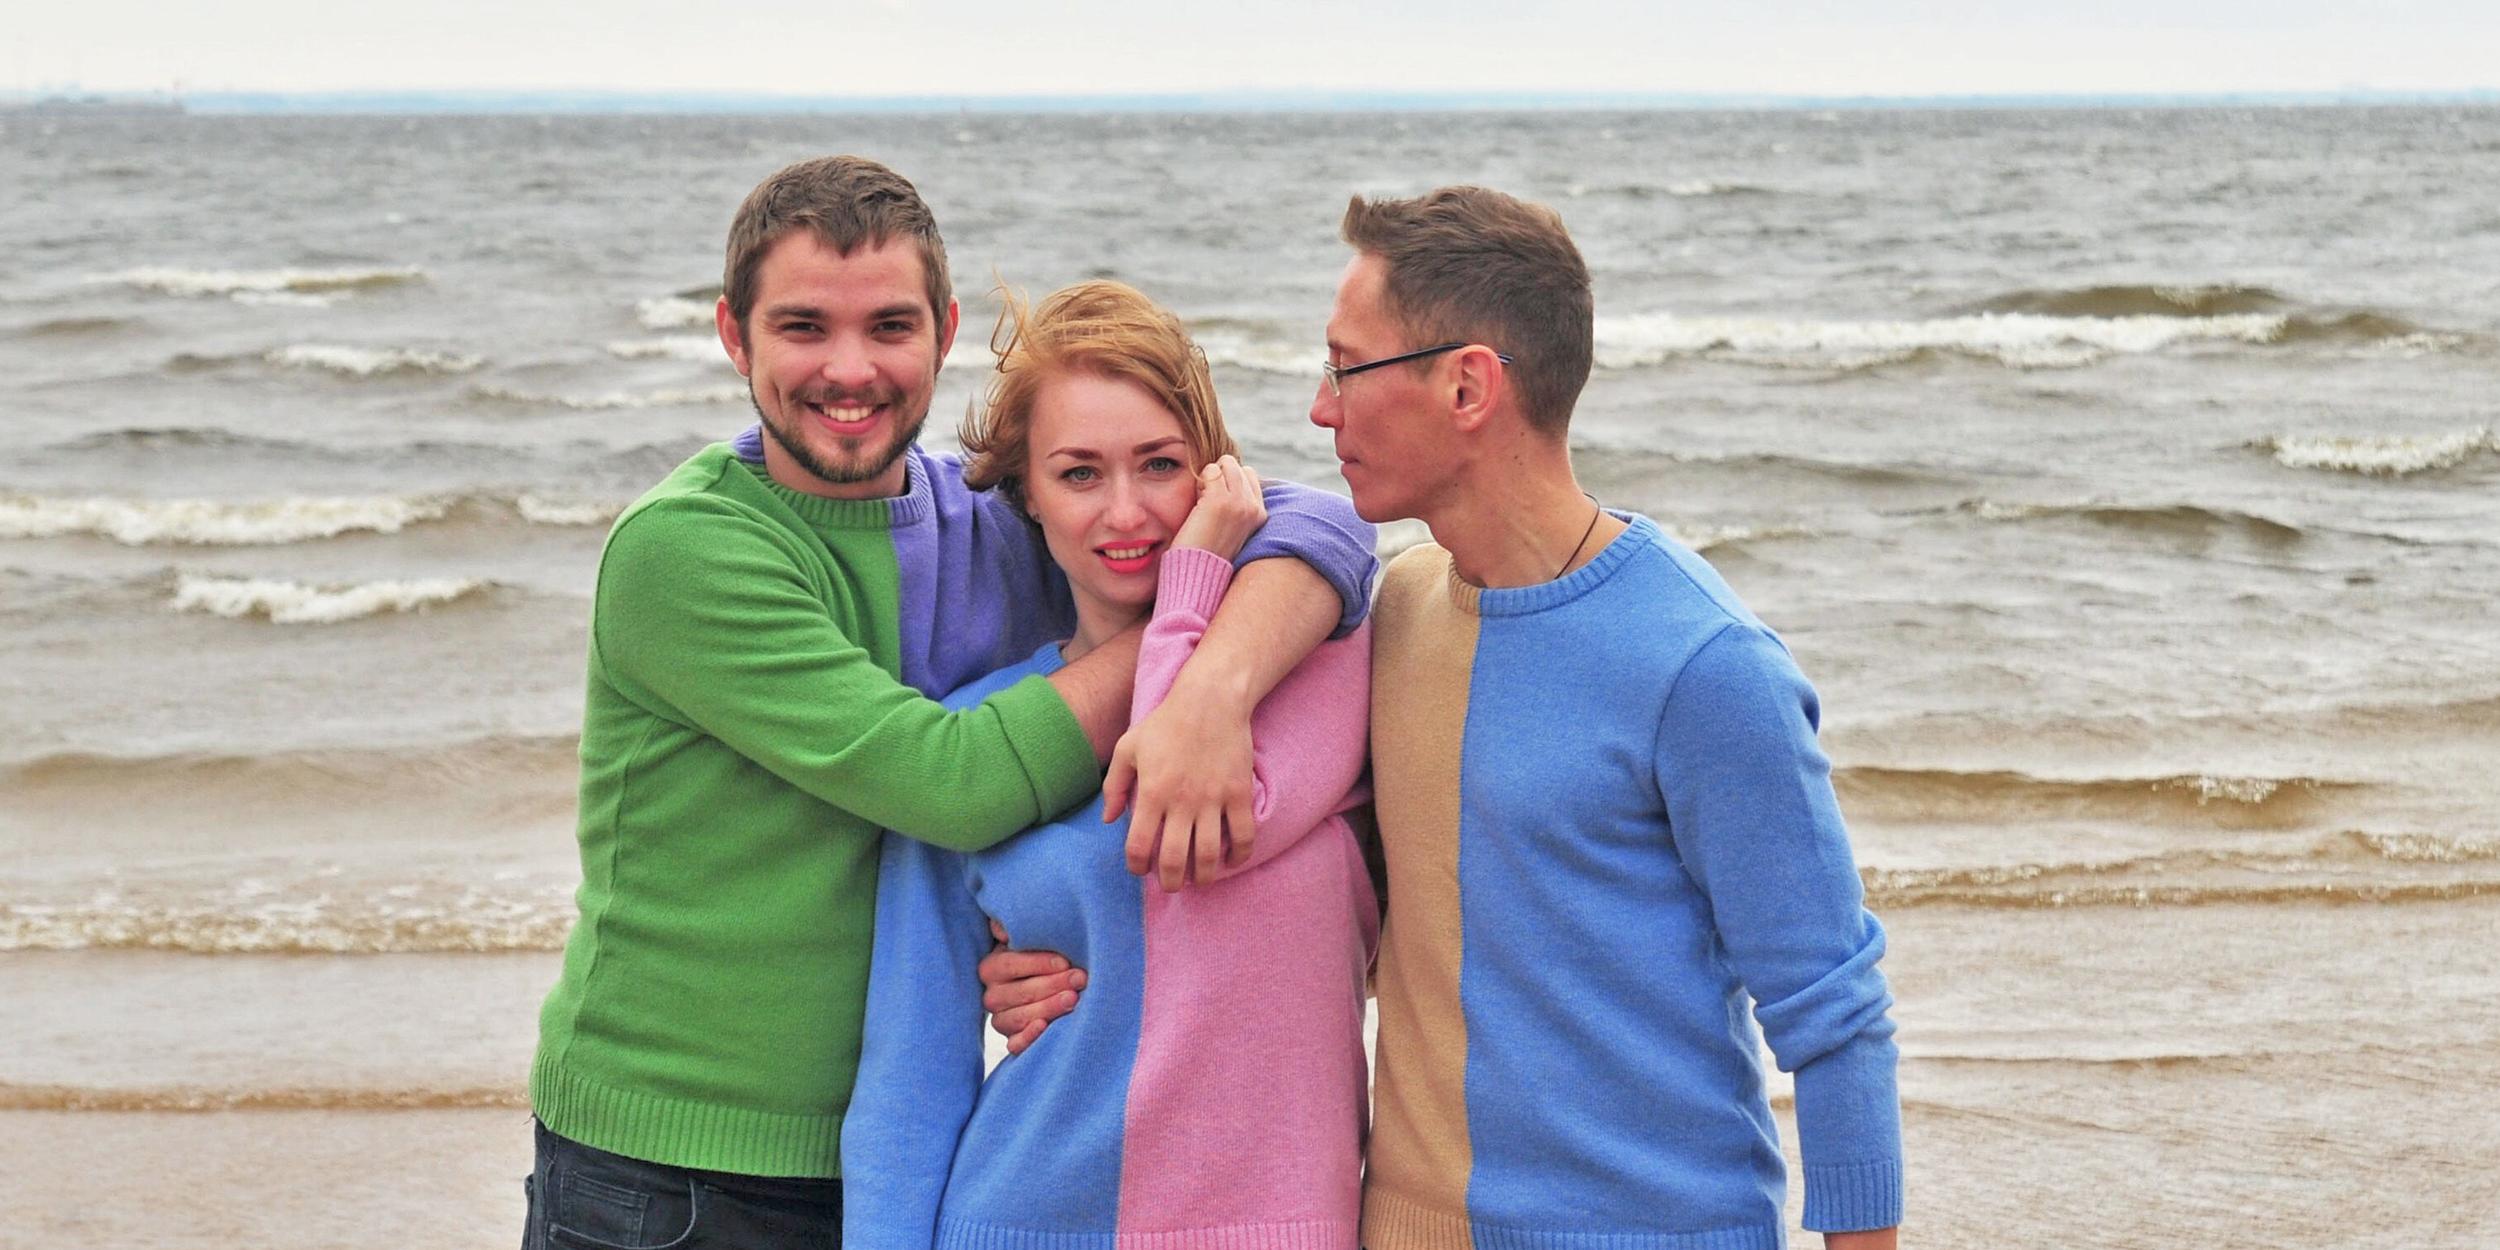 Конструкторское бюро: простой способ создать свитер мечты онлайн